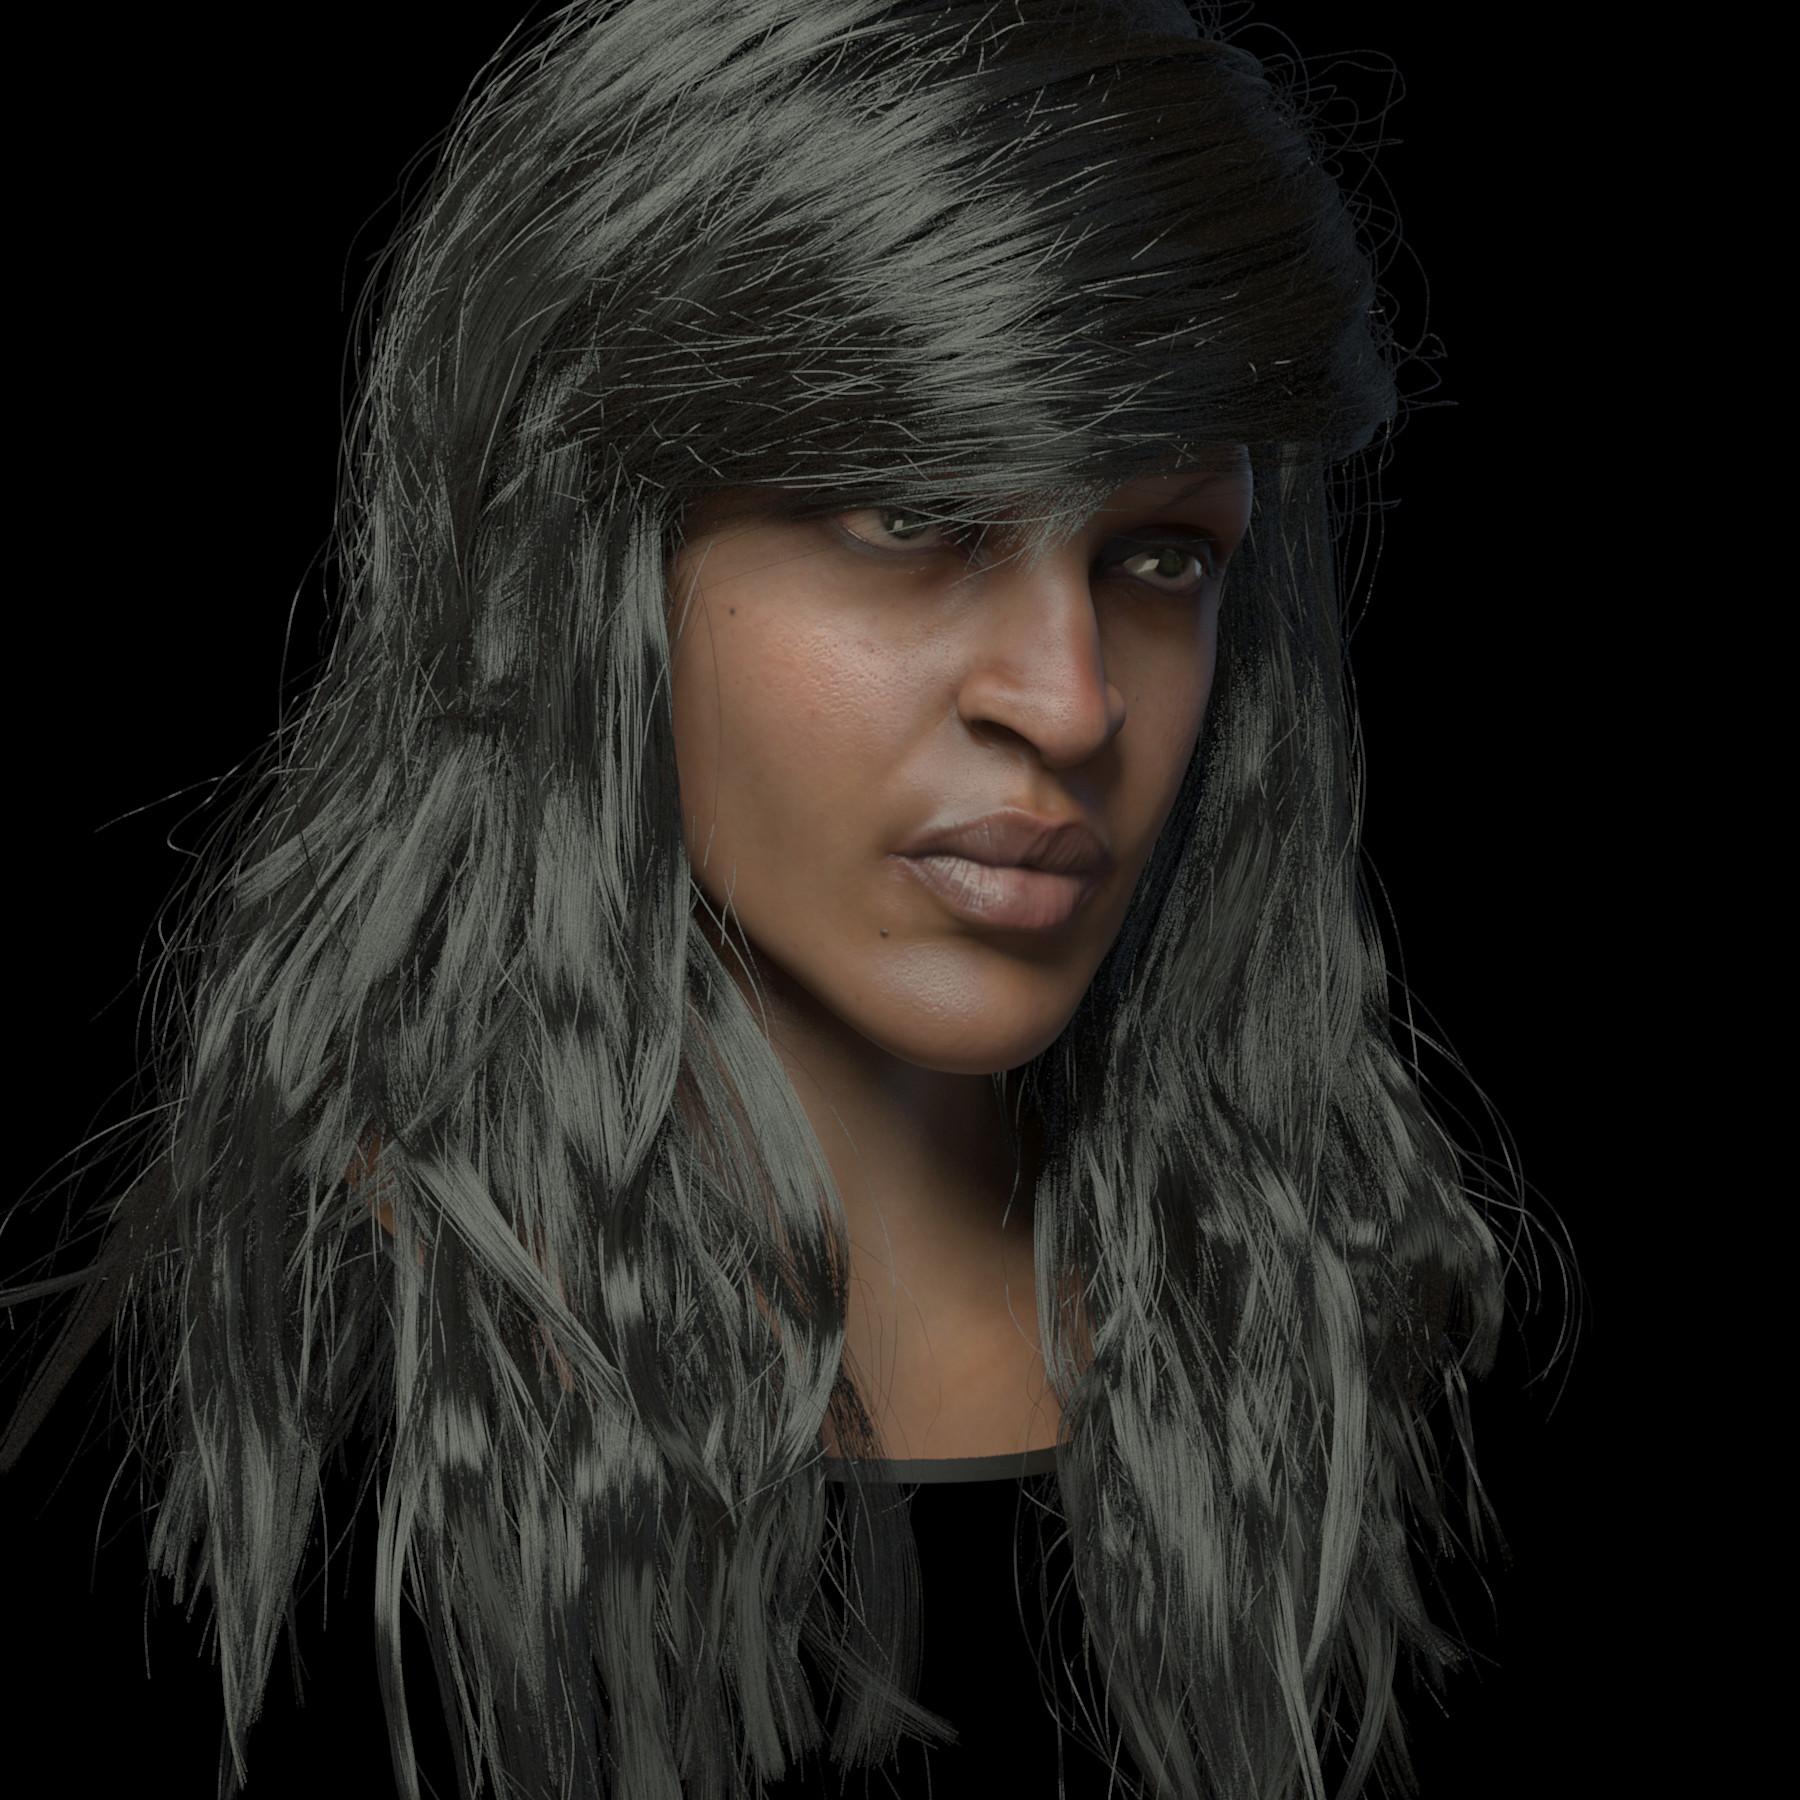 Duc phil nguyen woman test 02